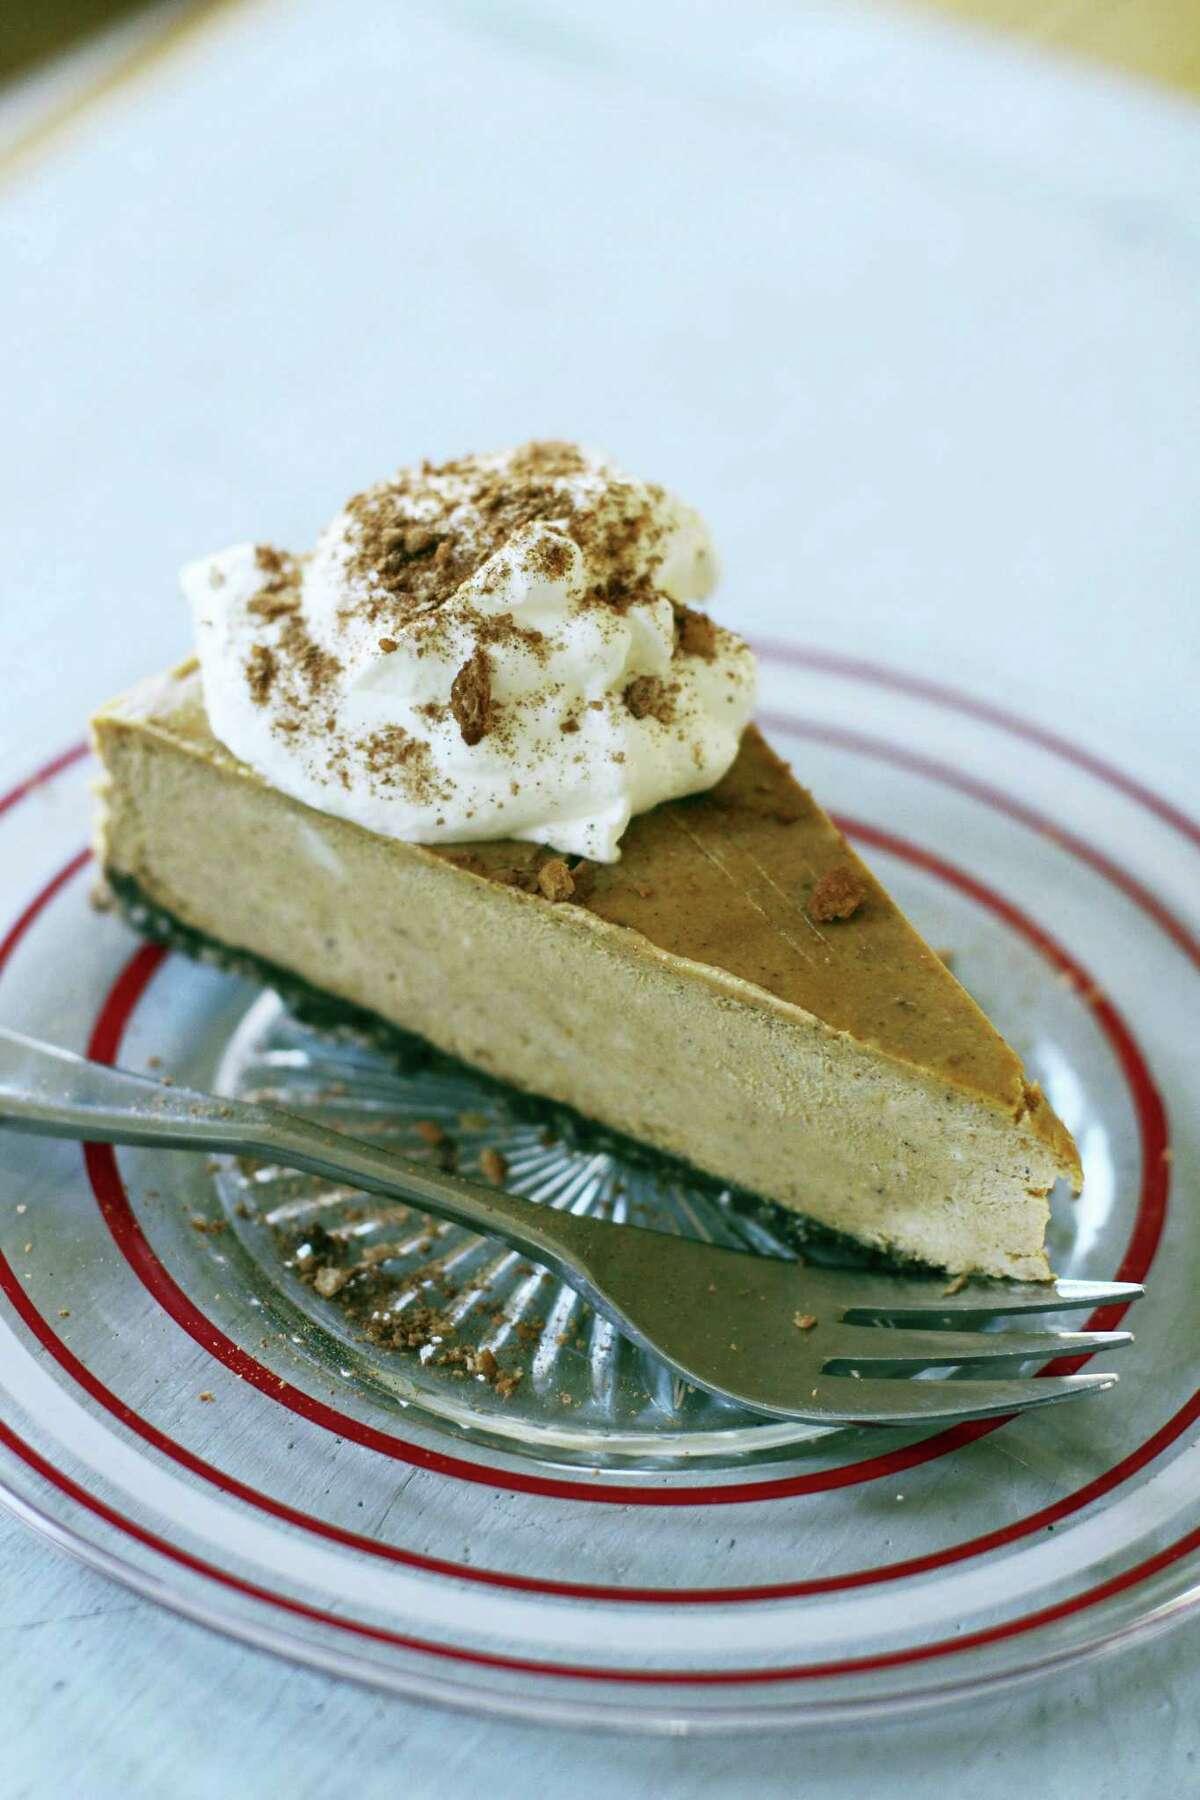 Pumpkin-bourbon cheesecake is even better served warm.